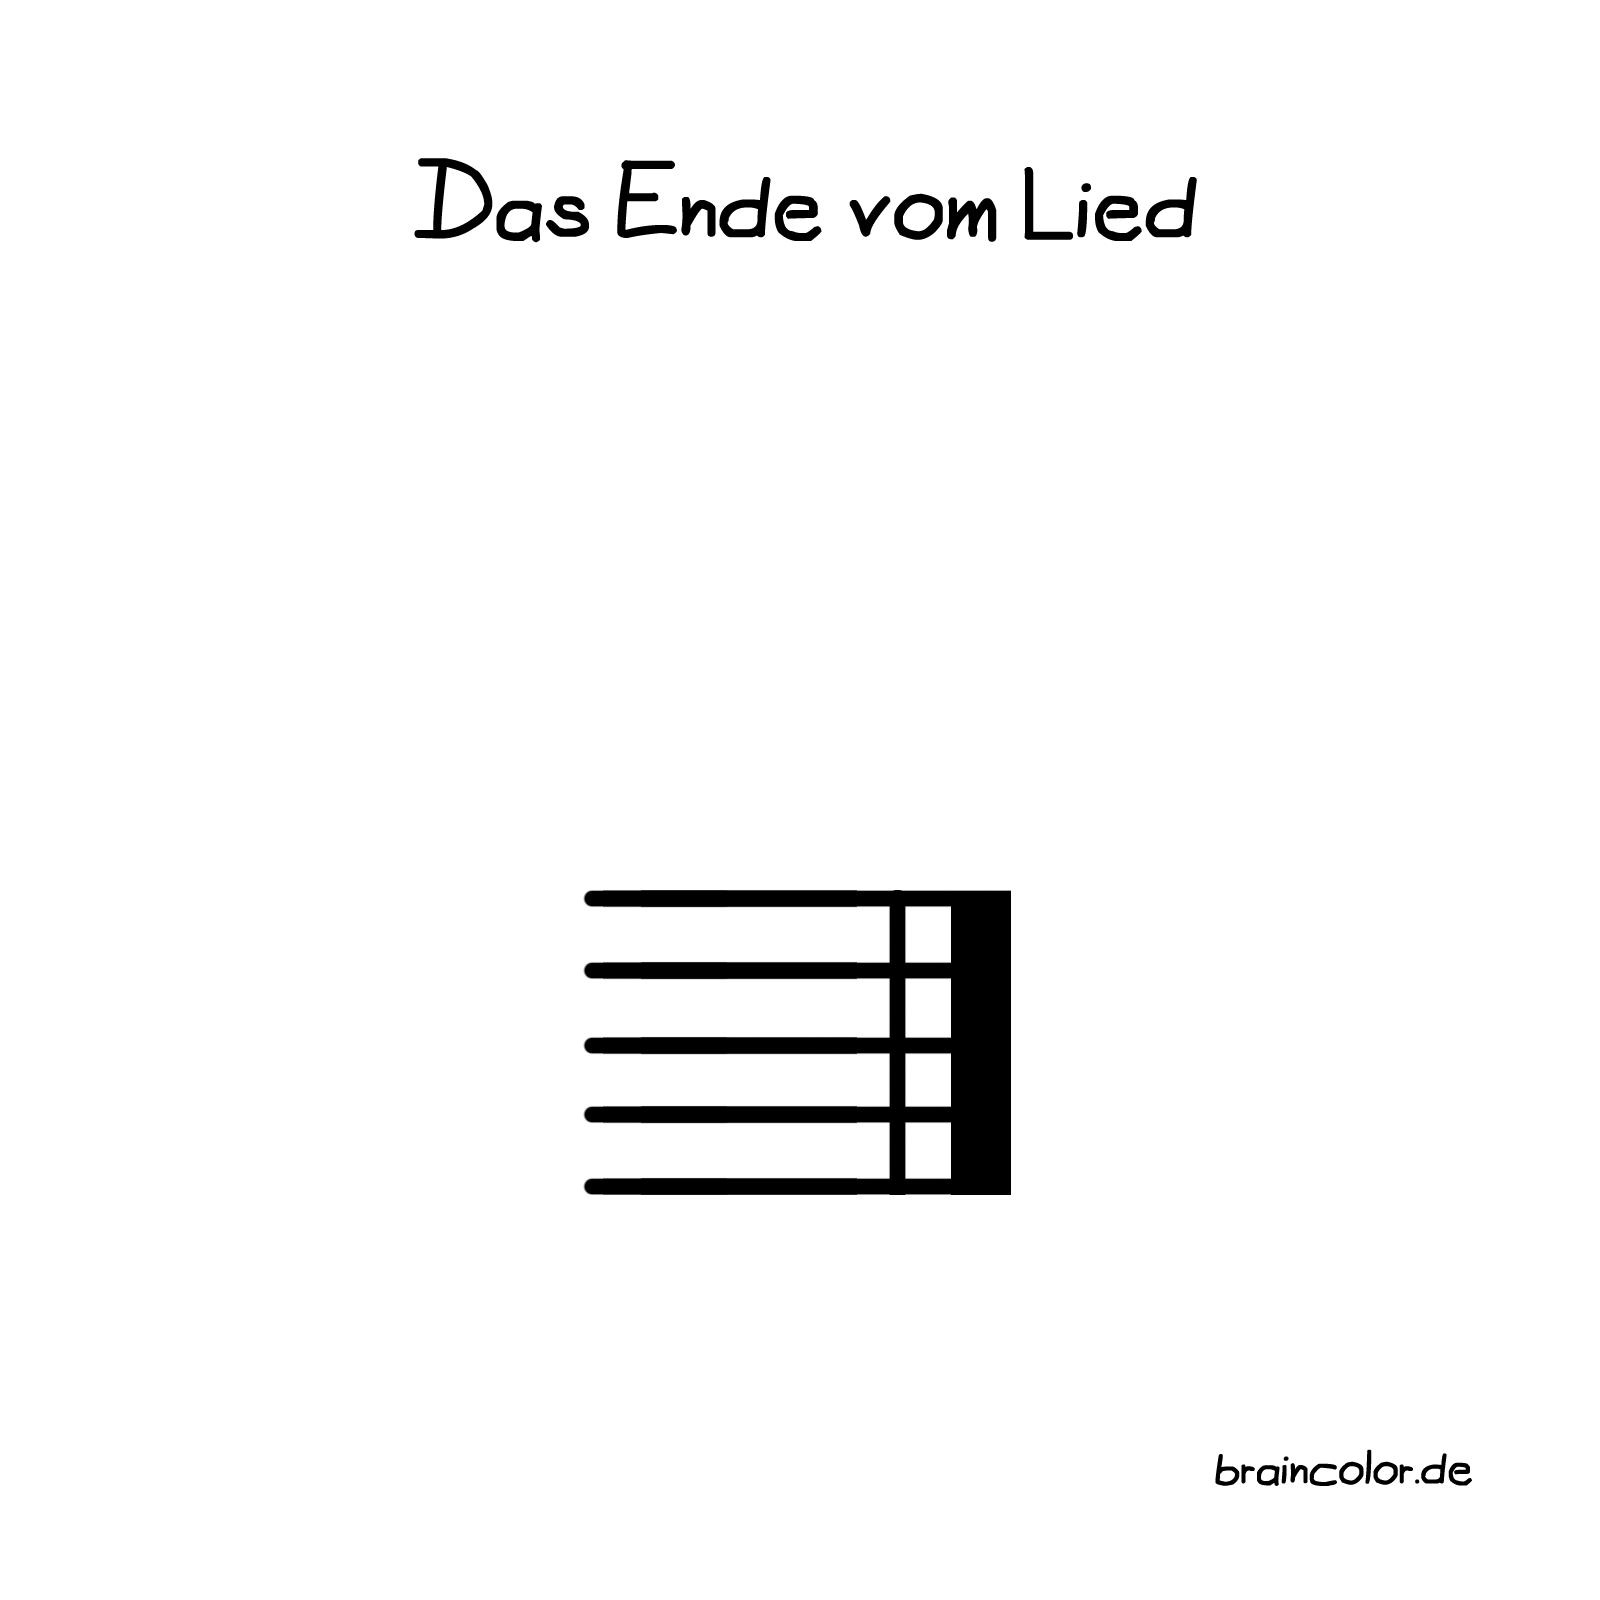 Das Ende vom Lied